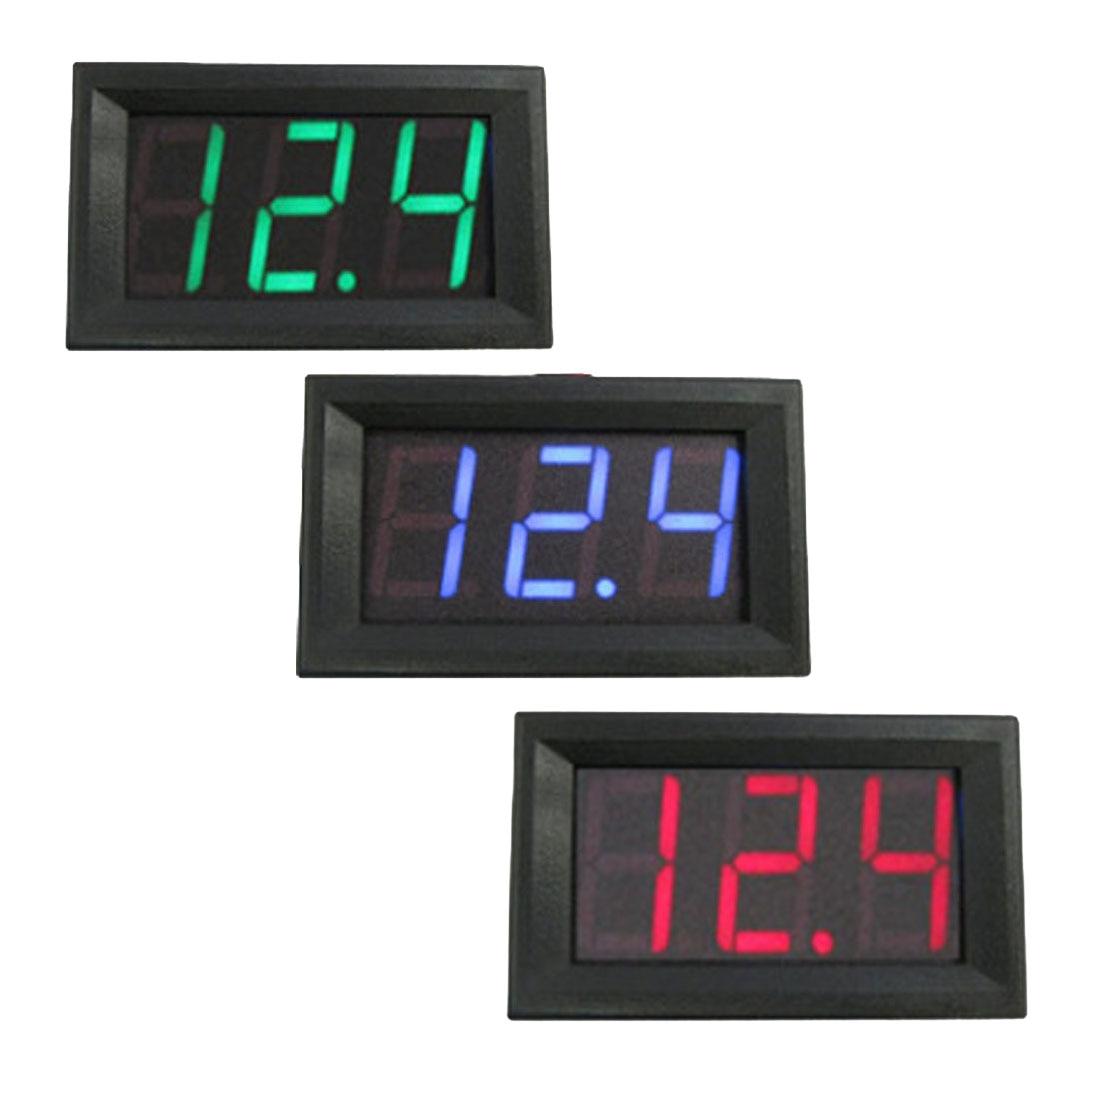 Digital voltmeter 0 56 inches LED DC 4 50v 30 0v Household voltage 2 line red and black Voltmeter digital road voltage tester in Voltage Meters from Tools